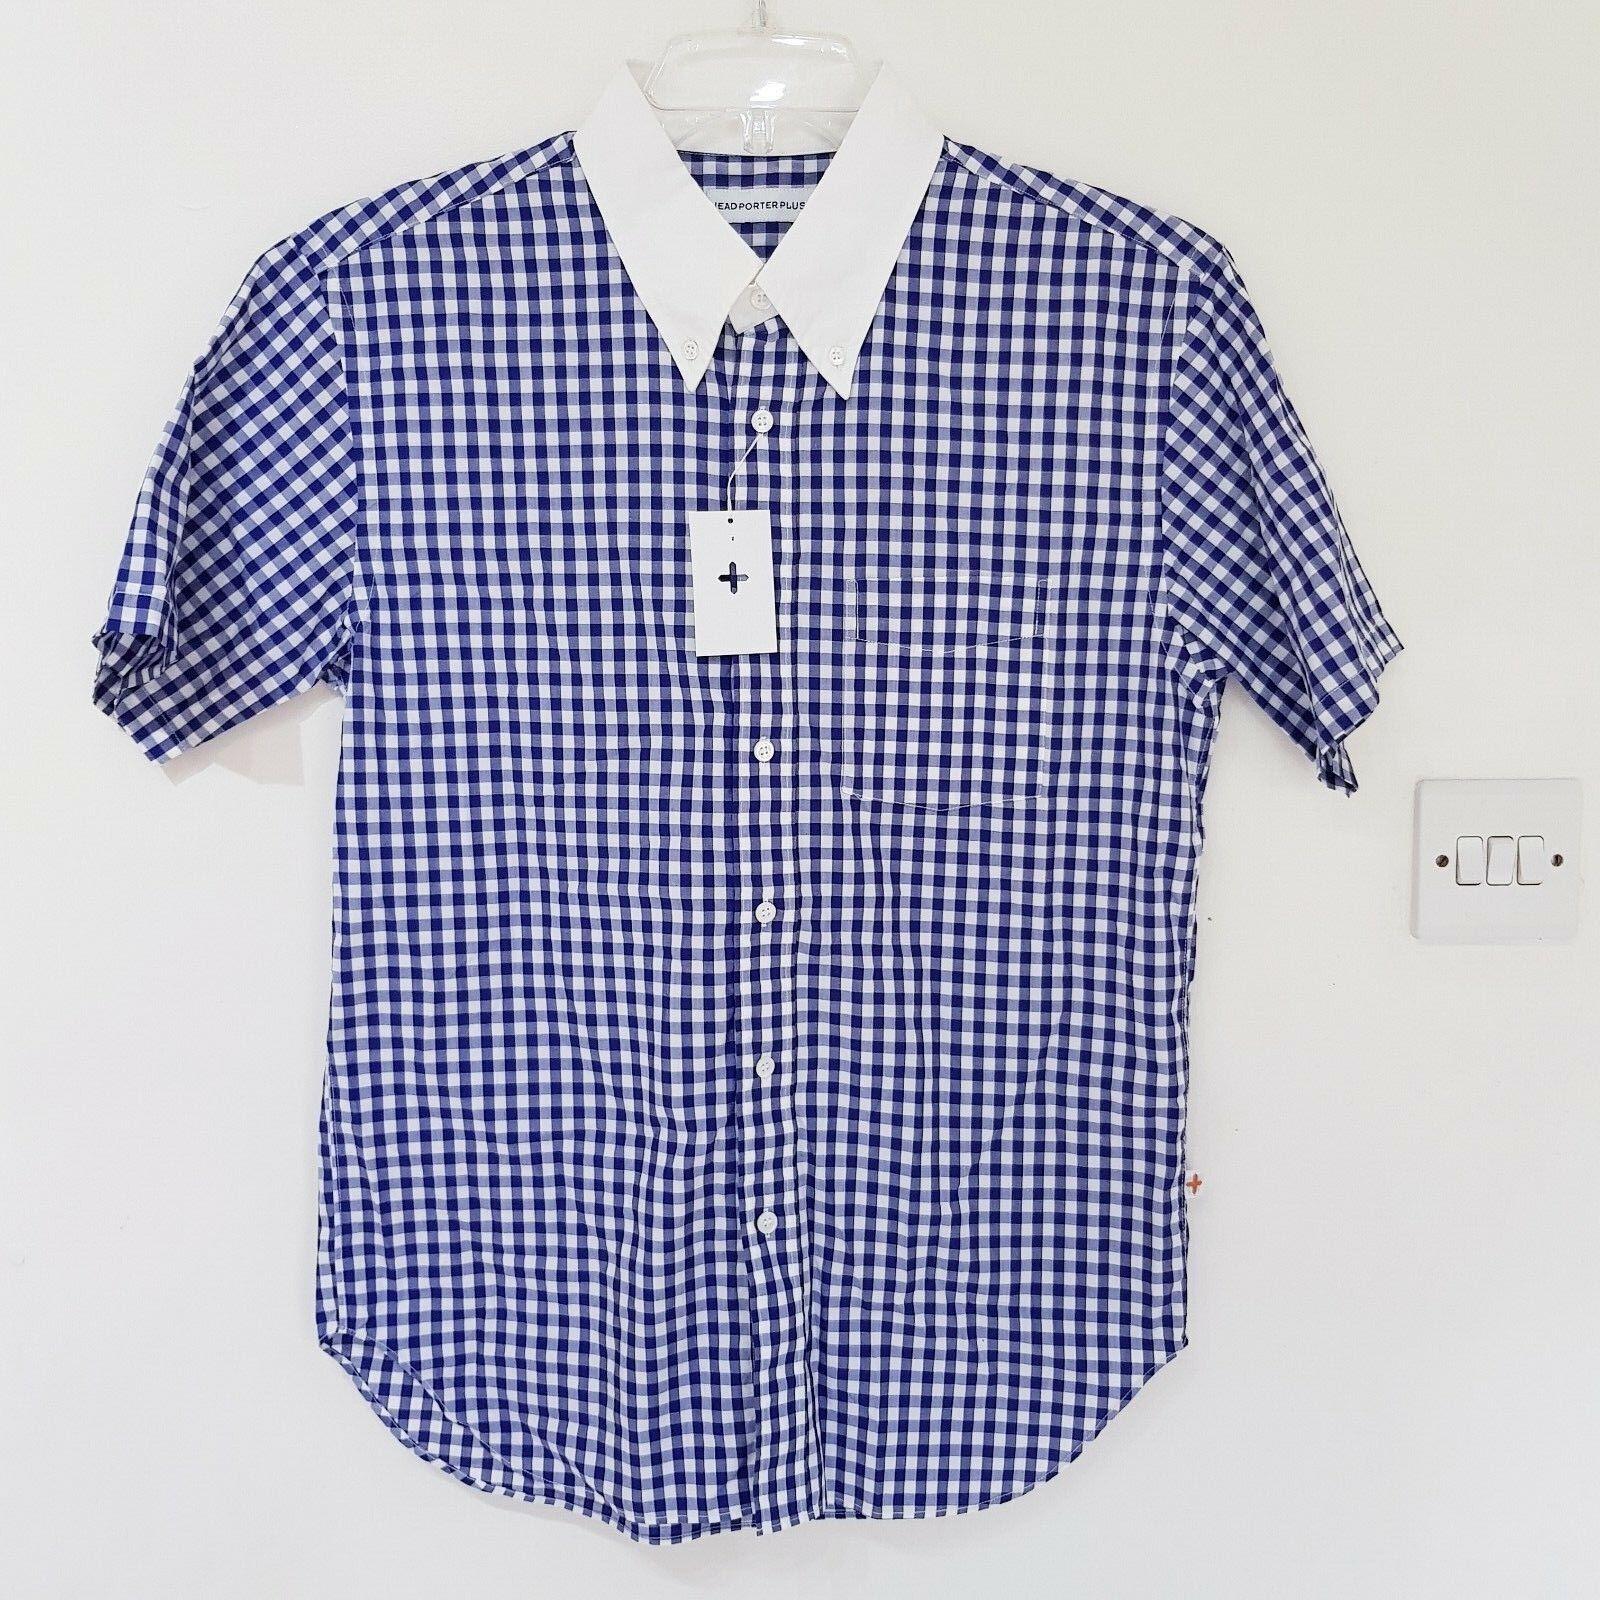 TESTA PORTER Plus Da Da Da Uomo Gingham CLERIC Manica Corta Camicia Blu Taglia L 070ce4